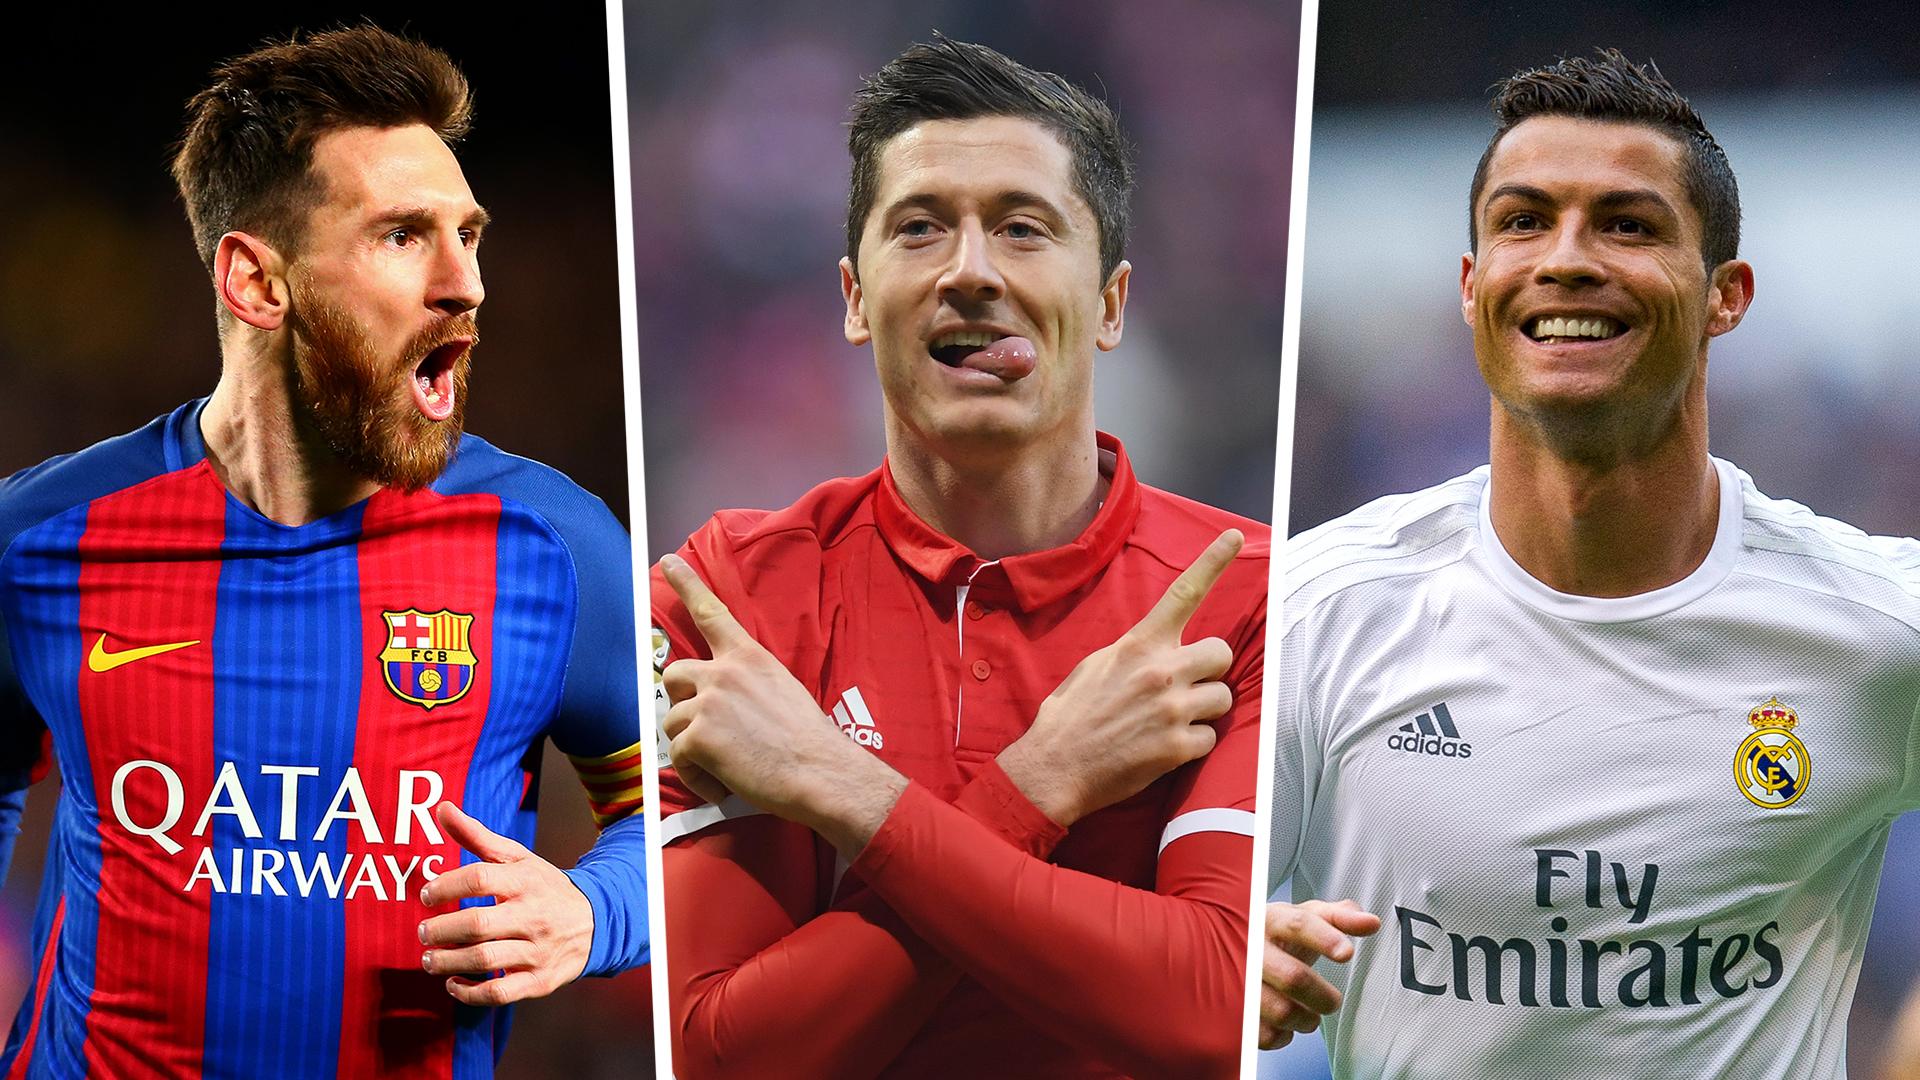 Menotti habló de la comparación entre Messi y Cristiano Ronaldo